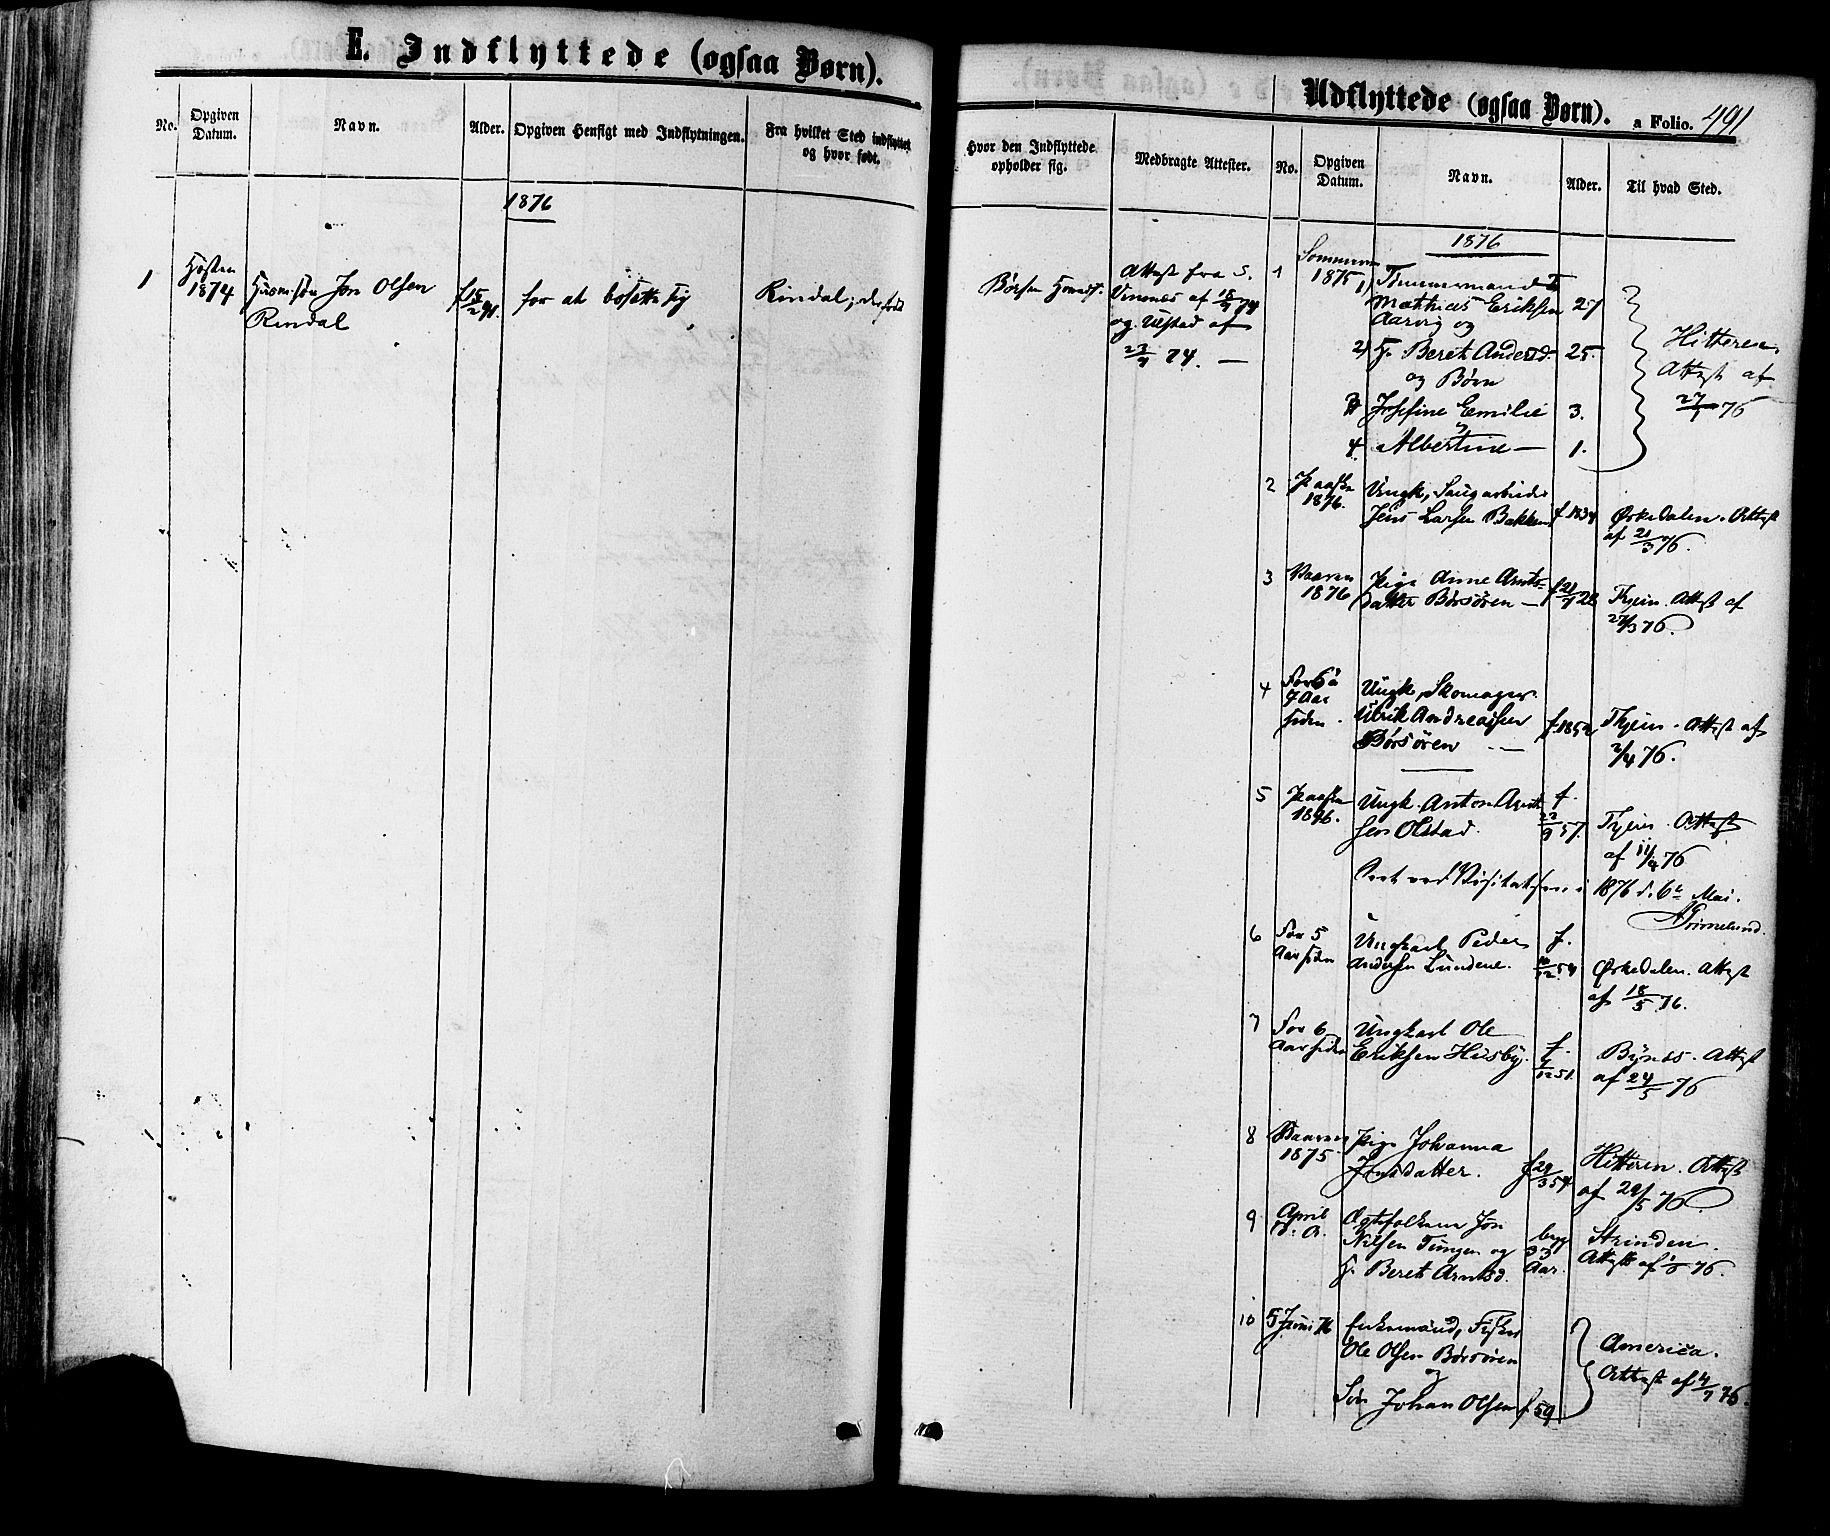 SAT, Ministerialprotokoller, klokkerbøker og fødselsregistre - Sør-Trøndelag, 665/L0772: Ministerialbok nr. 665A07, 1856-1878, s. 491